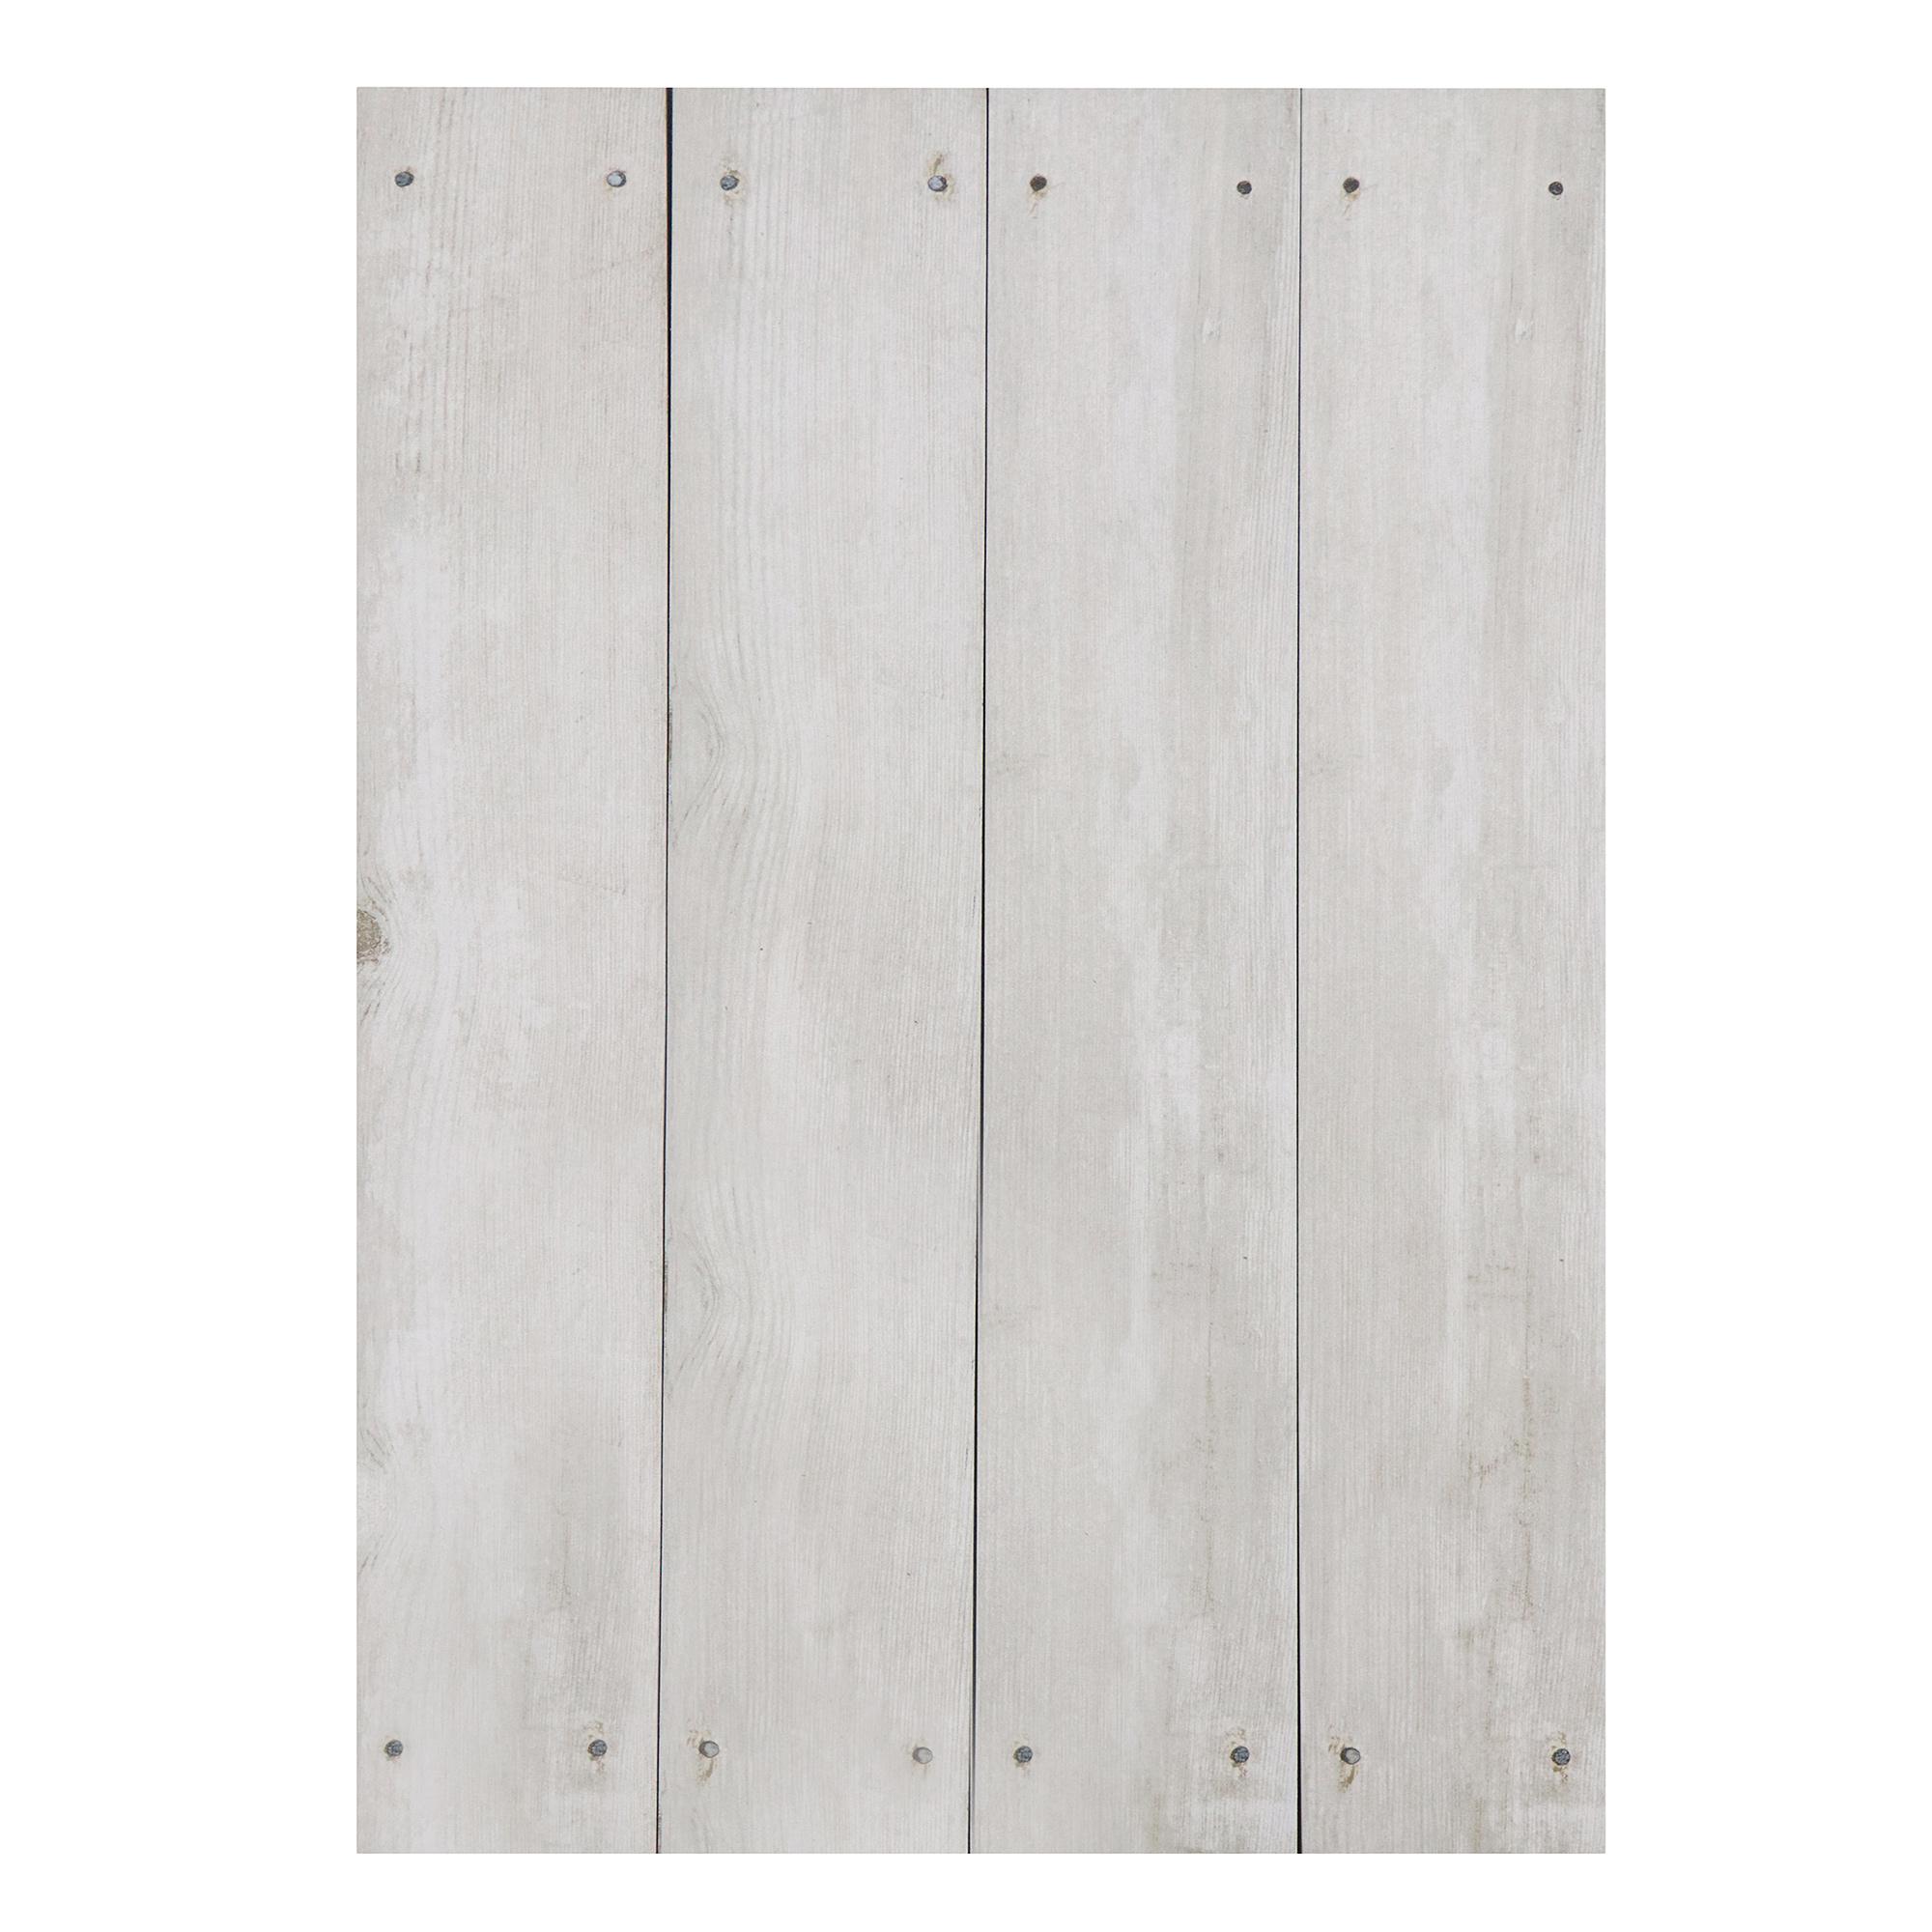 Плитка напольная Oset portofino white 15x90 уп8